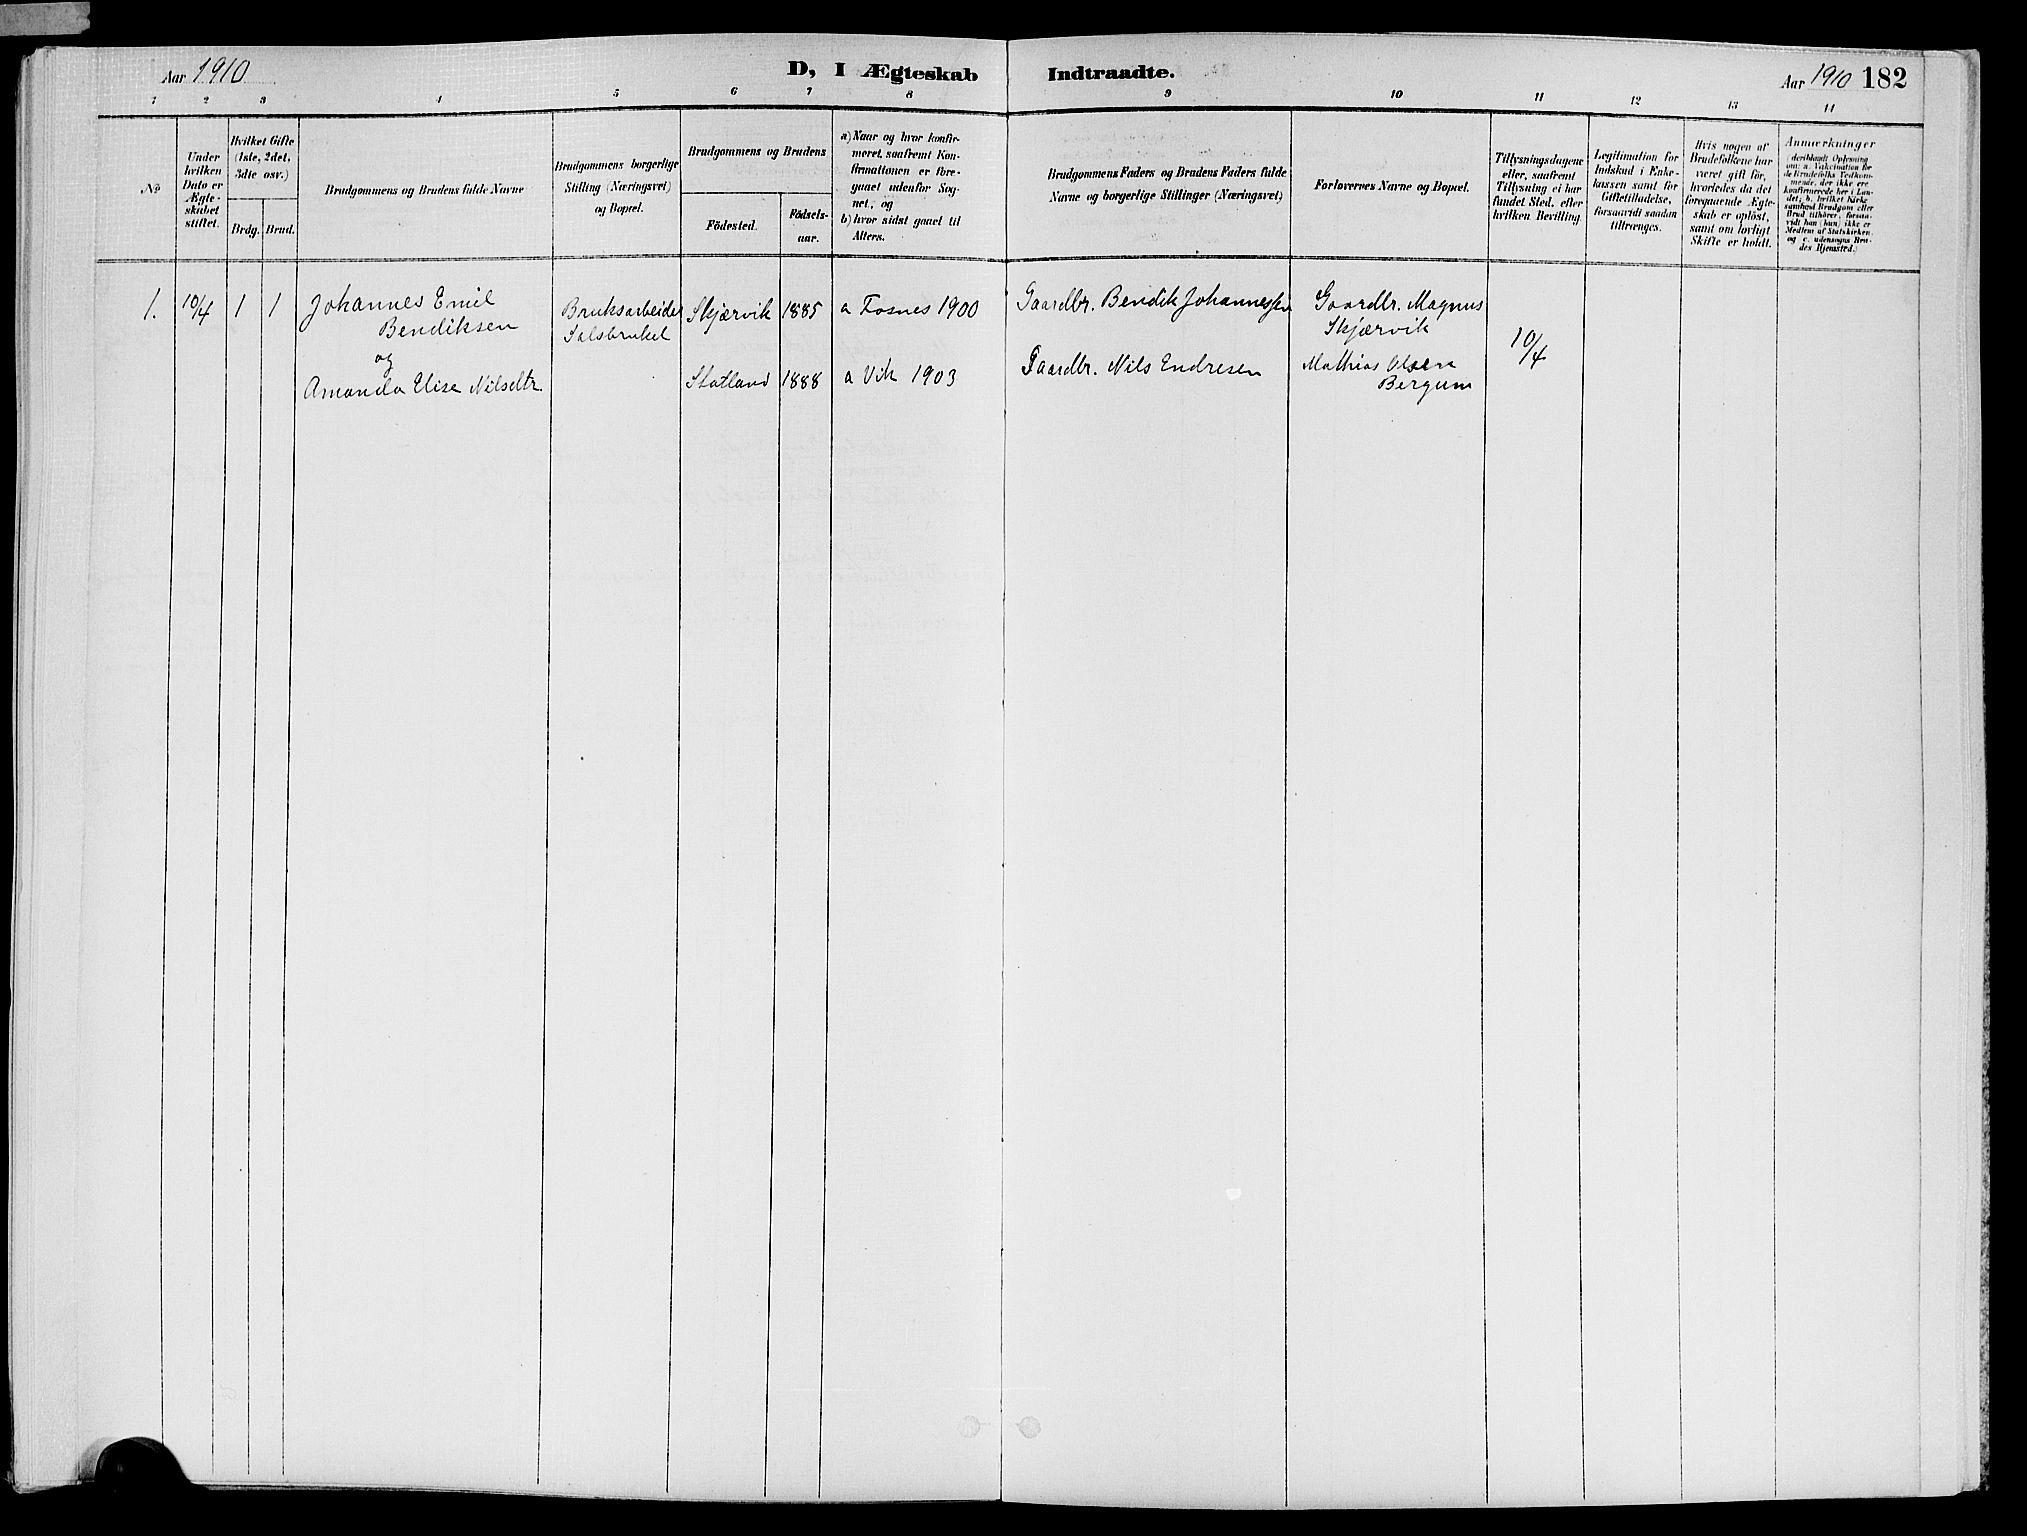 SAT, Ministerialprotokoller, klokkerbøker og fødselsregistre - Nord-Trøndelag, 773/L0617: Ministerialbok nr. 773A08, 1887-1910, s. 182